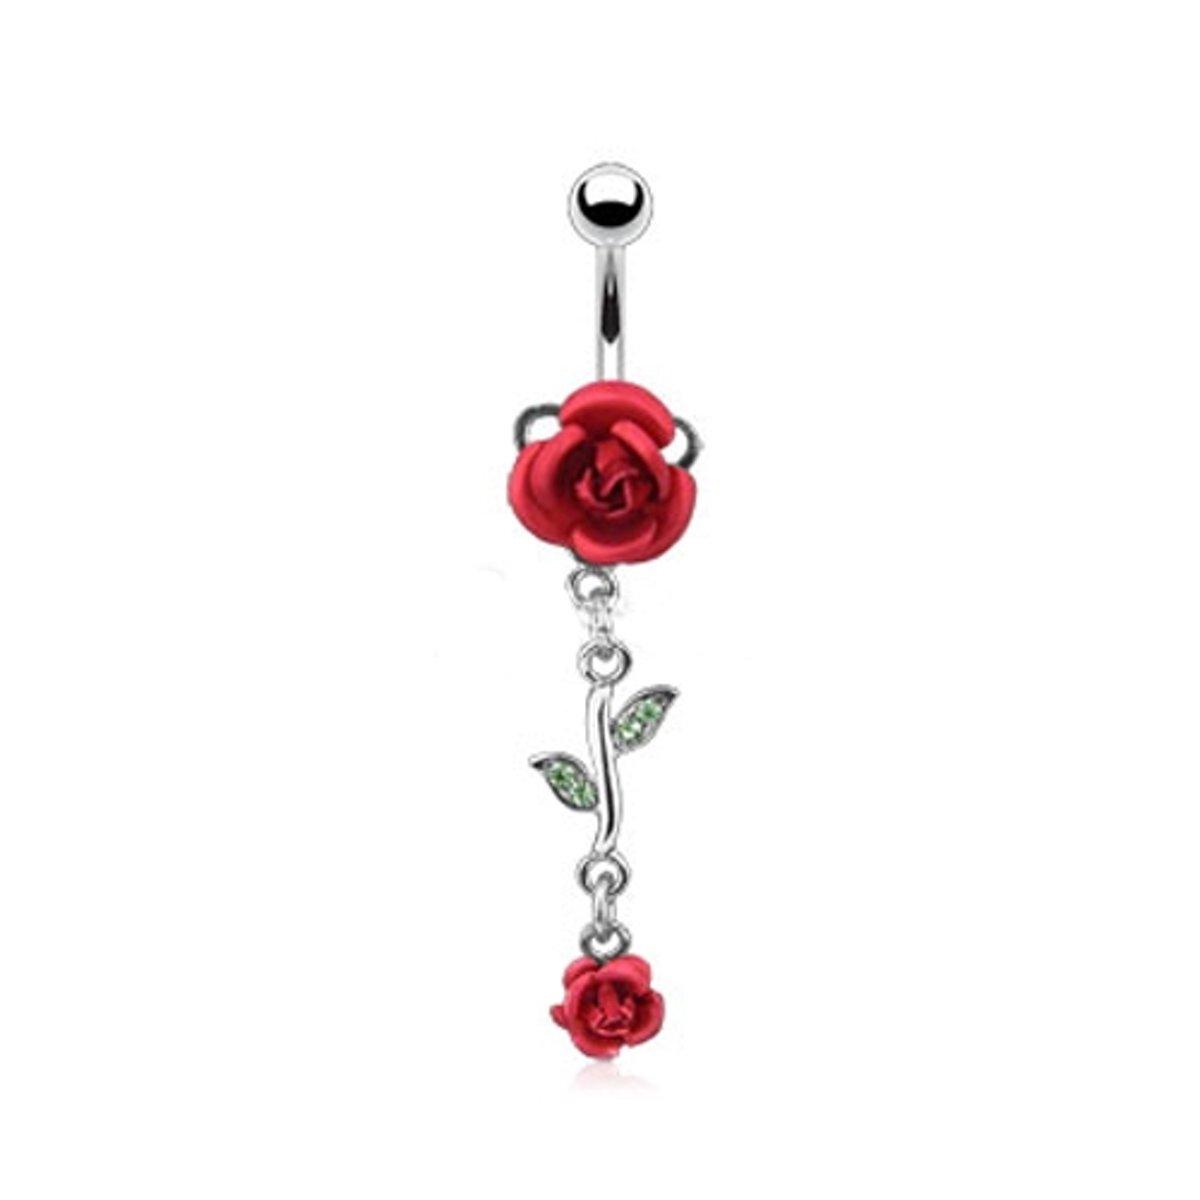 Navelpiercing dubbele roos rood ?LMPiercings kopen